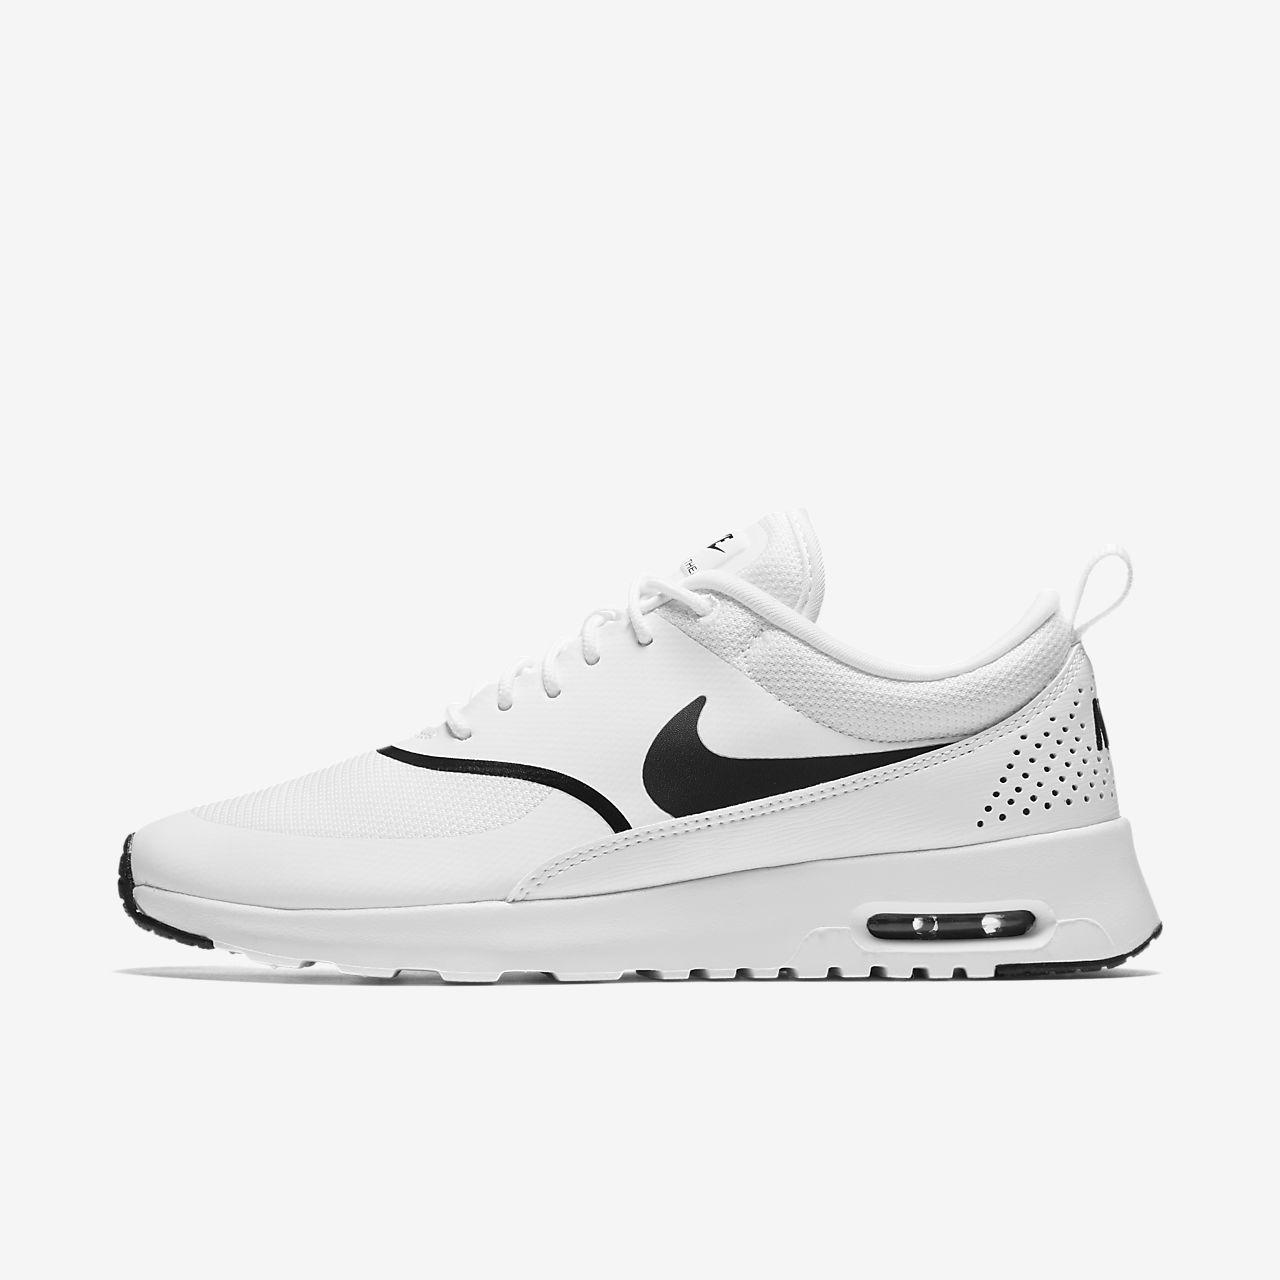 Baby Schuhe 2019 Neuestes Design Neue Blaue Schuhe Von Nike Damen Größe 39 Einfach Zu Verwenden